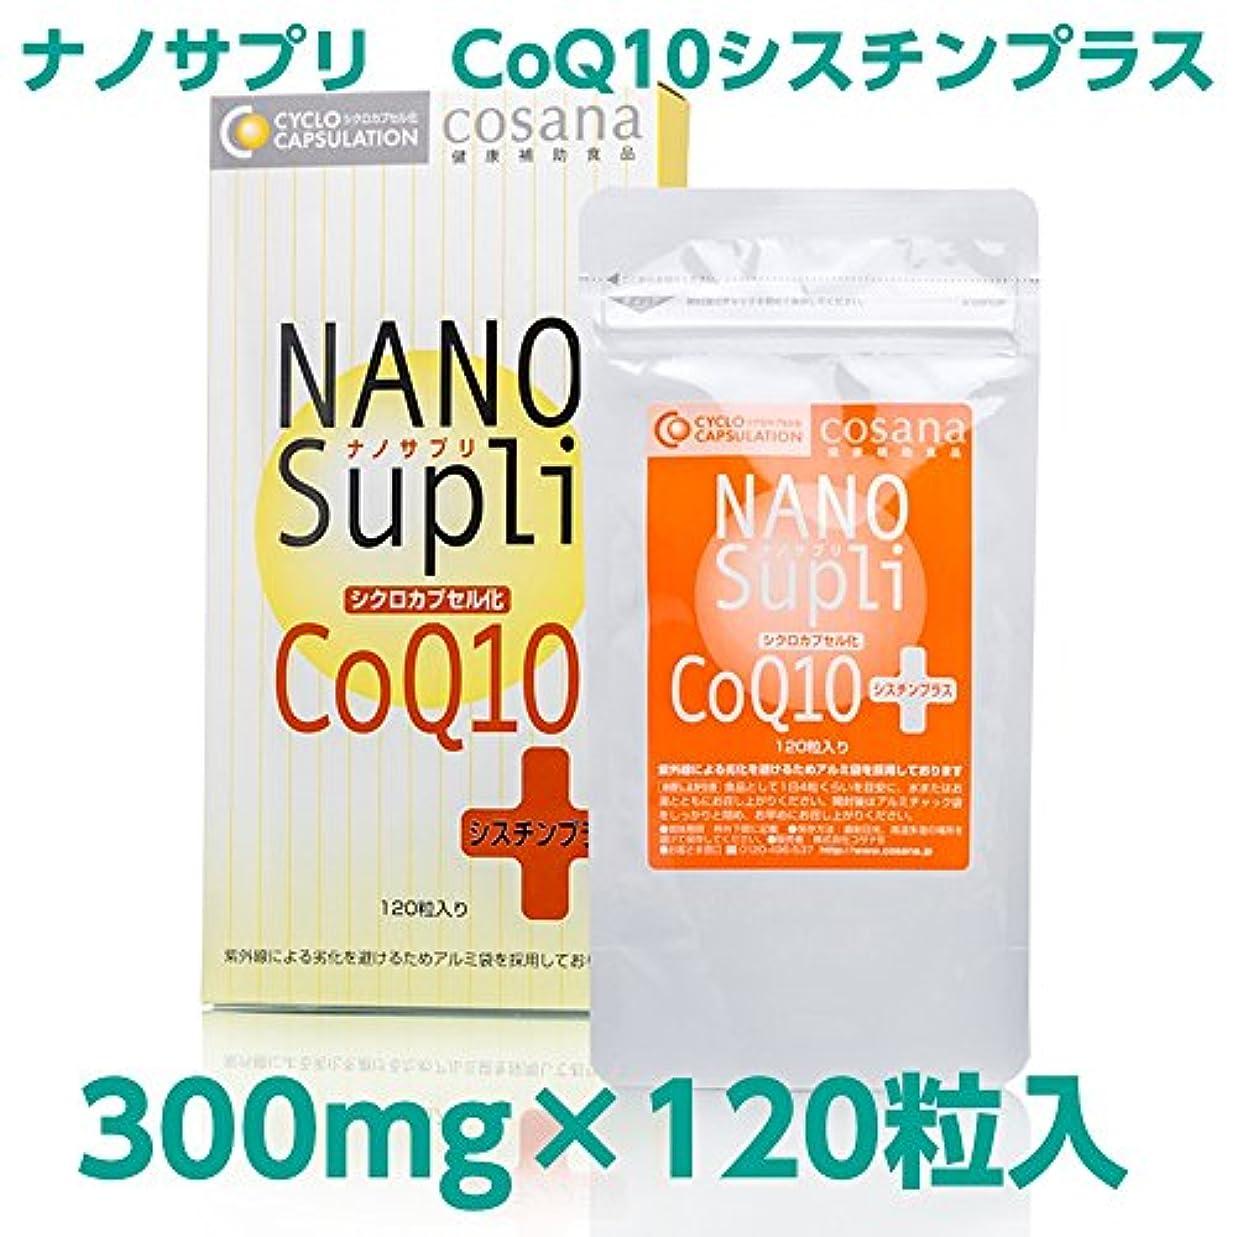 狂信者子供達にはまってナノサプリシクロカプセル化CoQ10 シスチンプラス